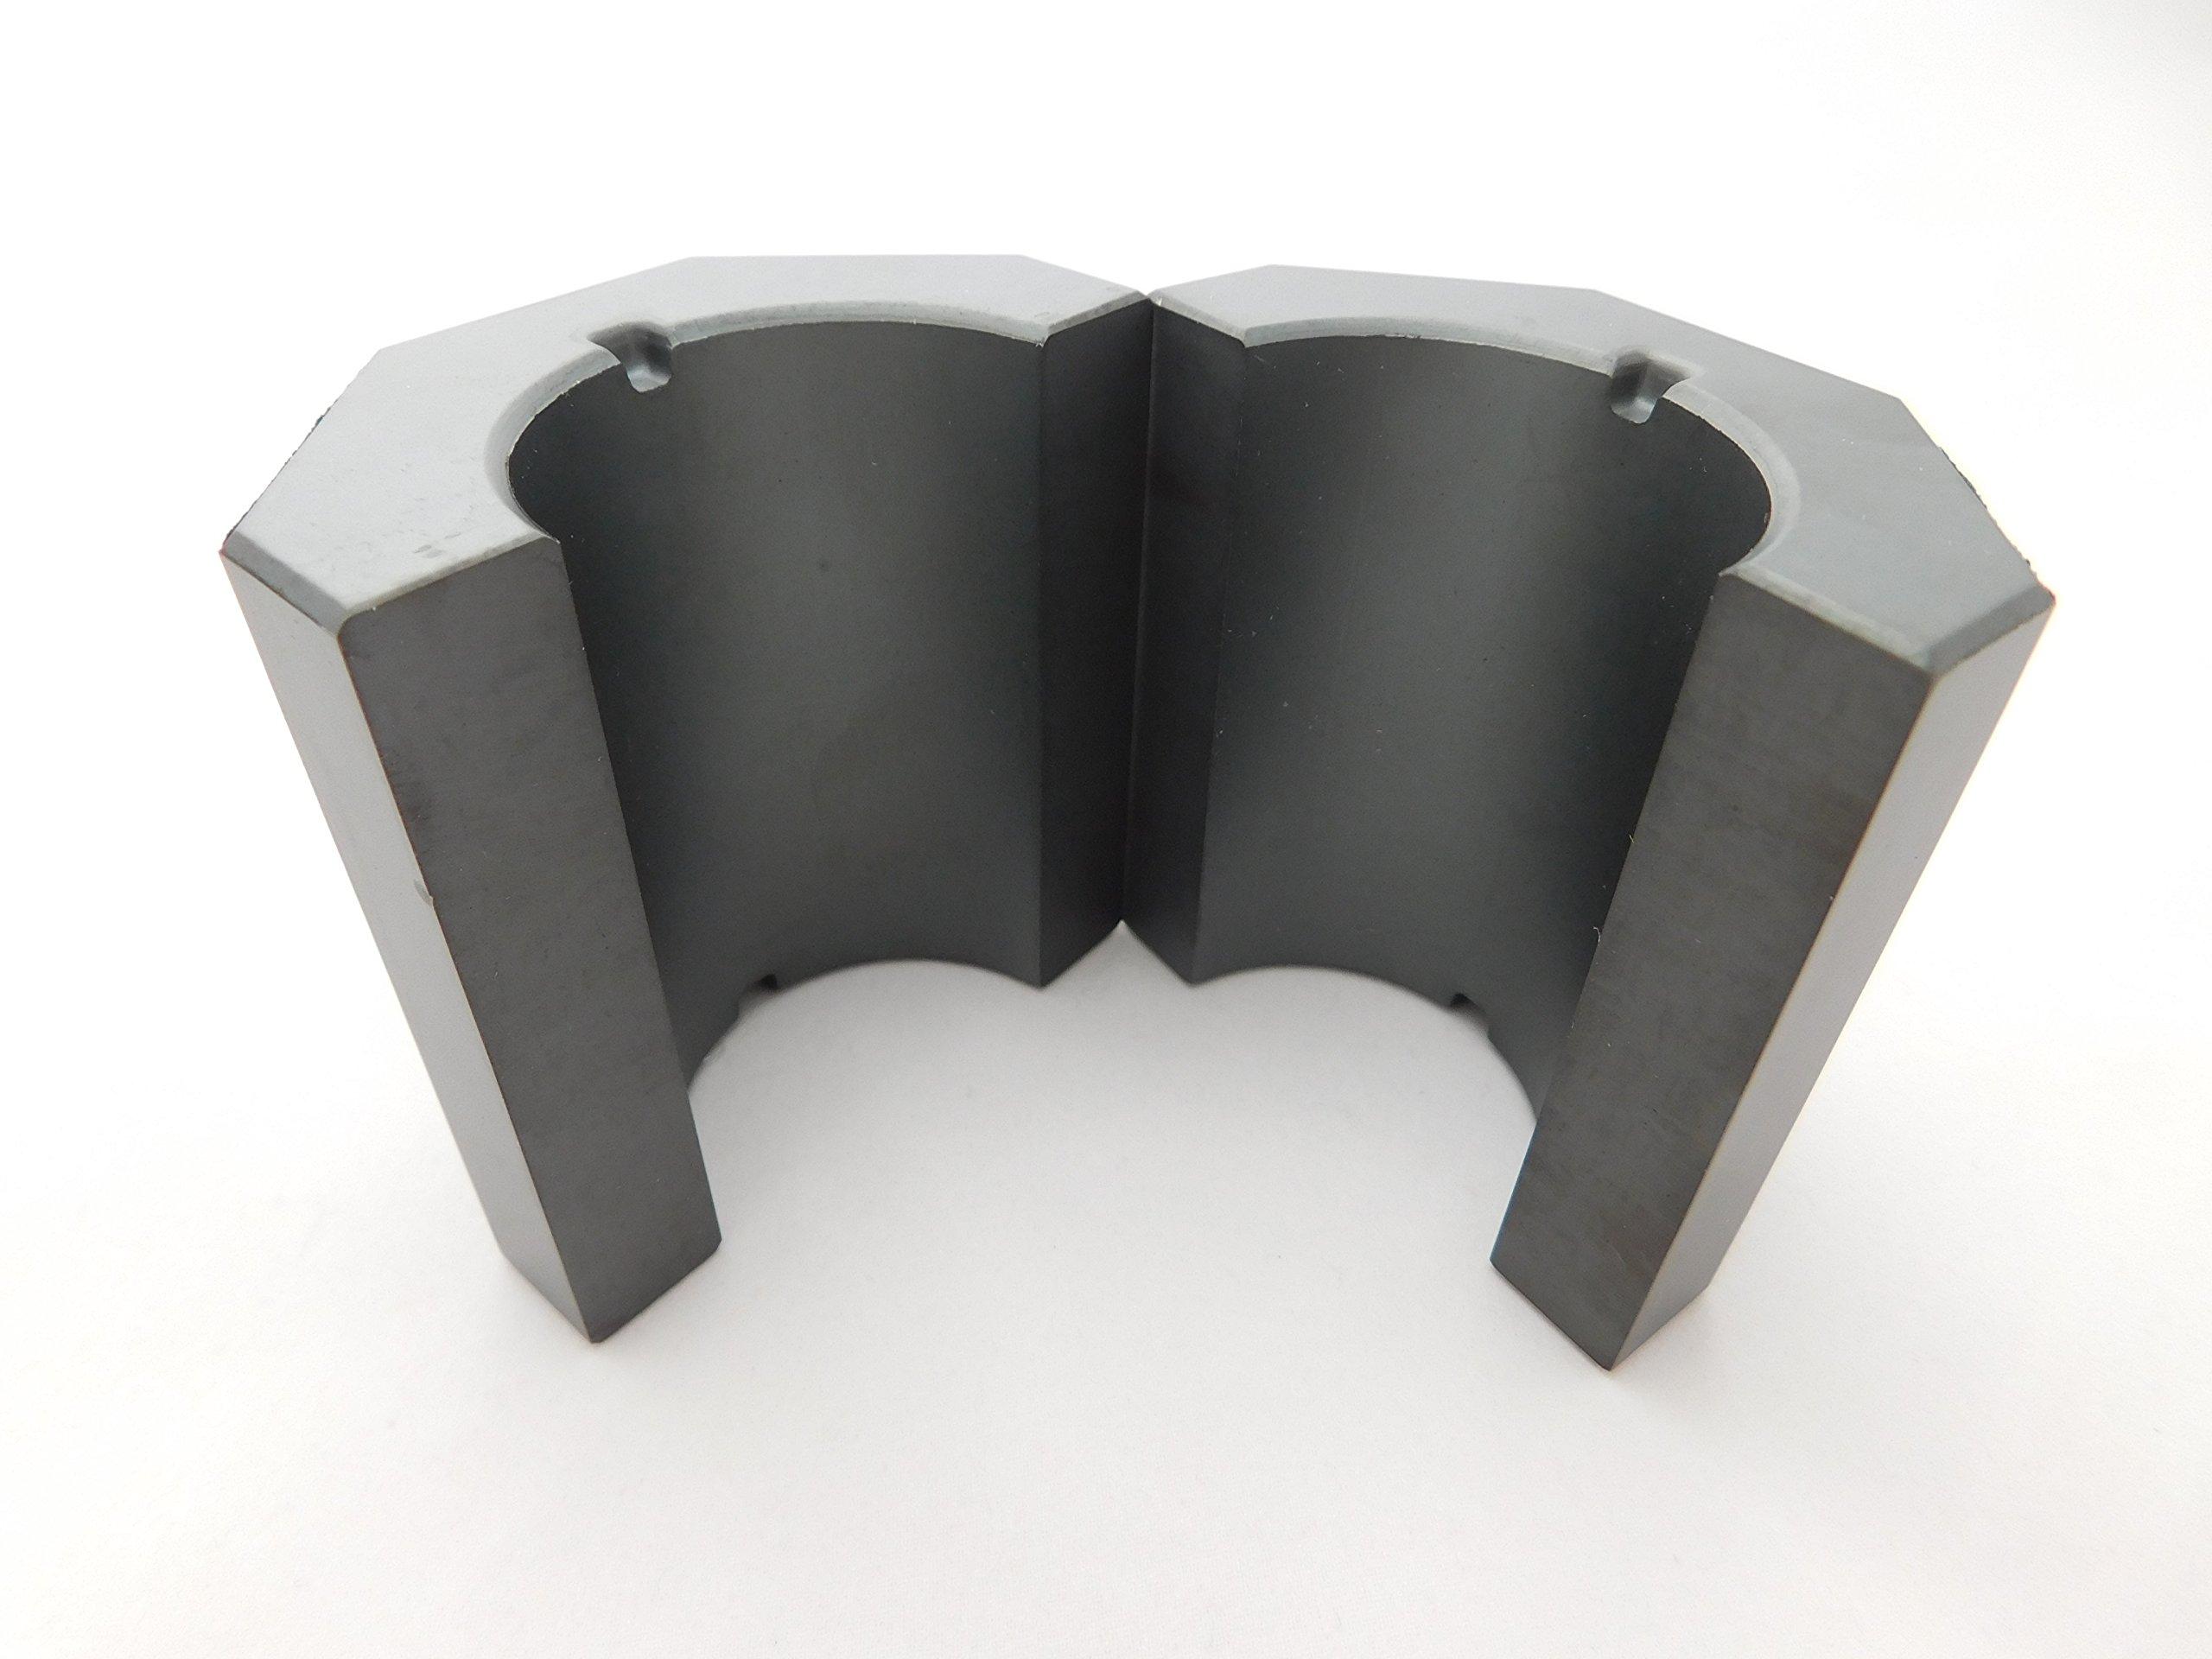 RF Choke 311400 Ferrite Filter Core Material 31 Mix ID 1''3/8 37mm